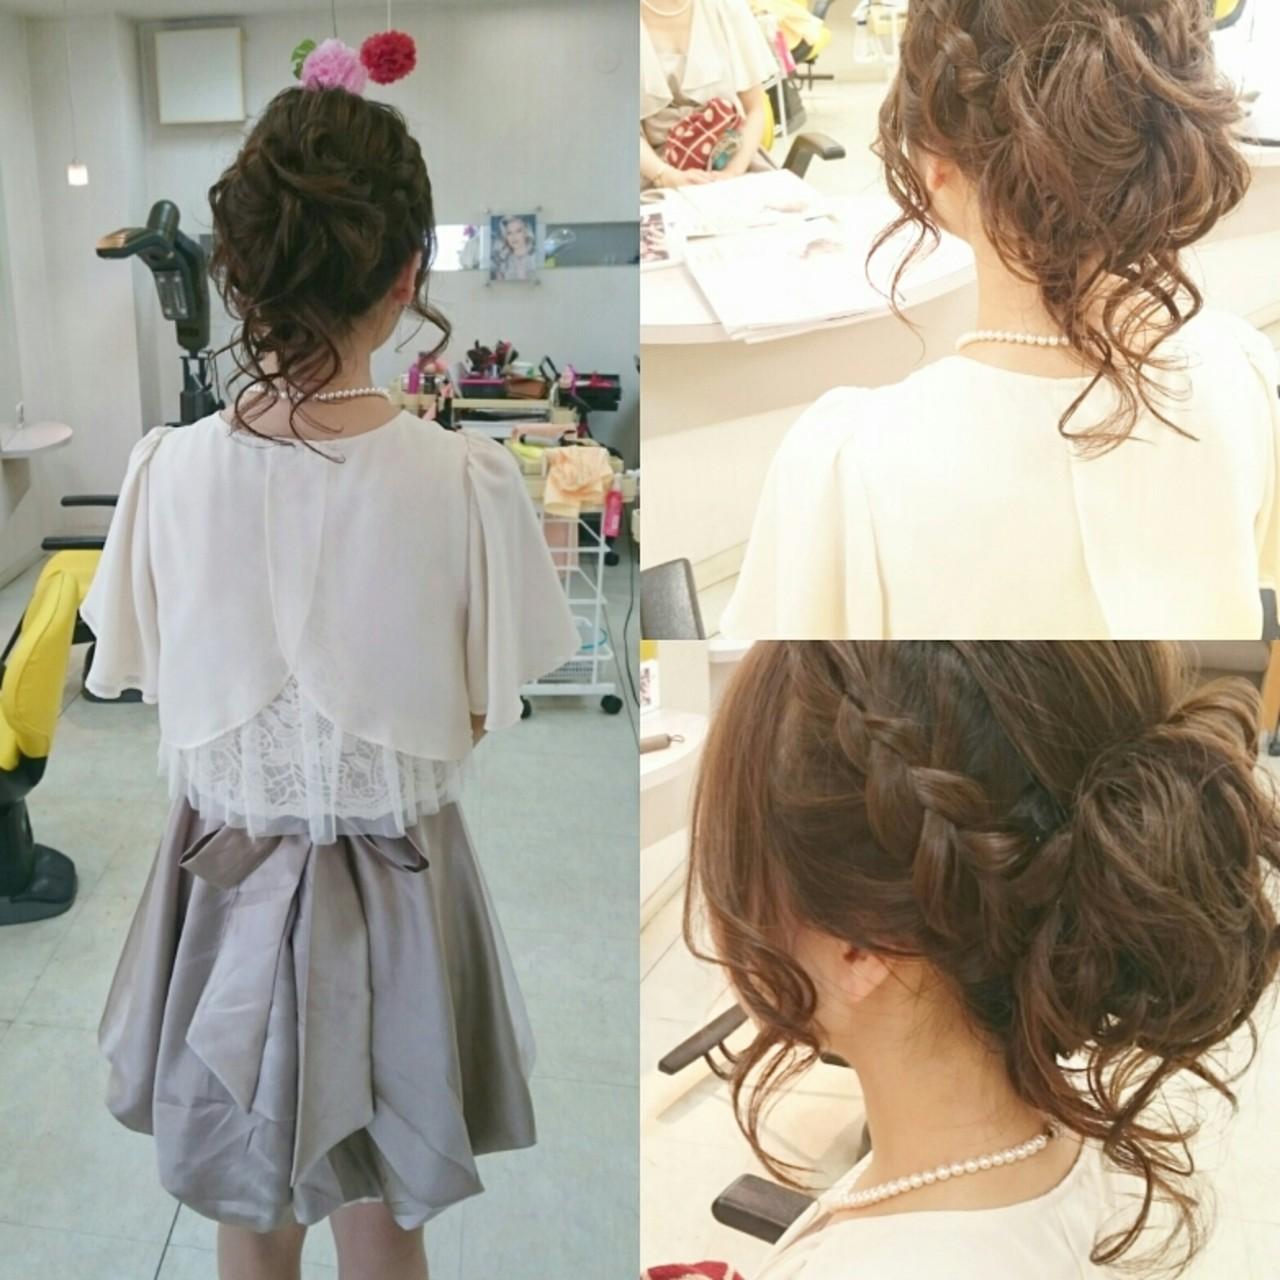 ブライダル 三つ編み ヘアアレンジ 結婚式 ヘアスタイルや髪型の写真・画像 | 美和遥 FITZ(フィッツ) / 富士美容院 FITZ (フィッツ)